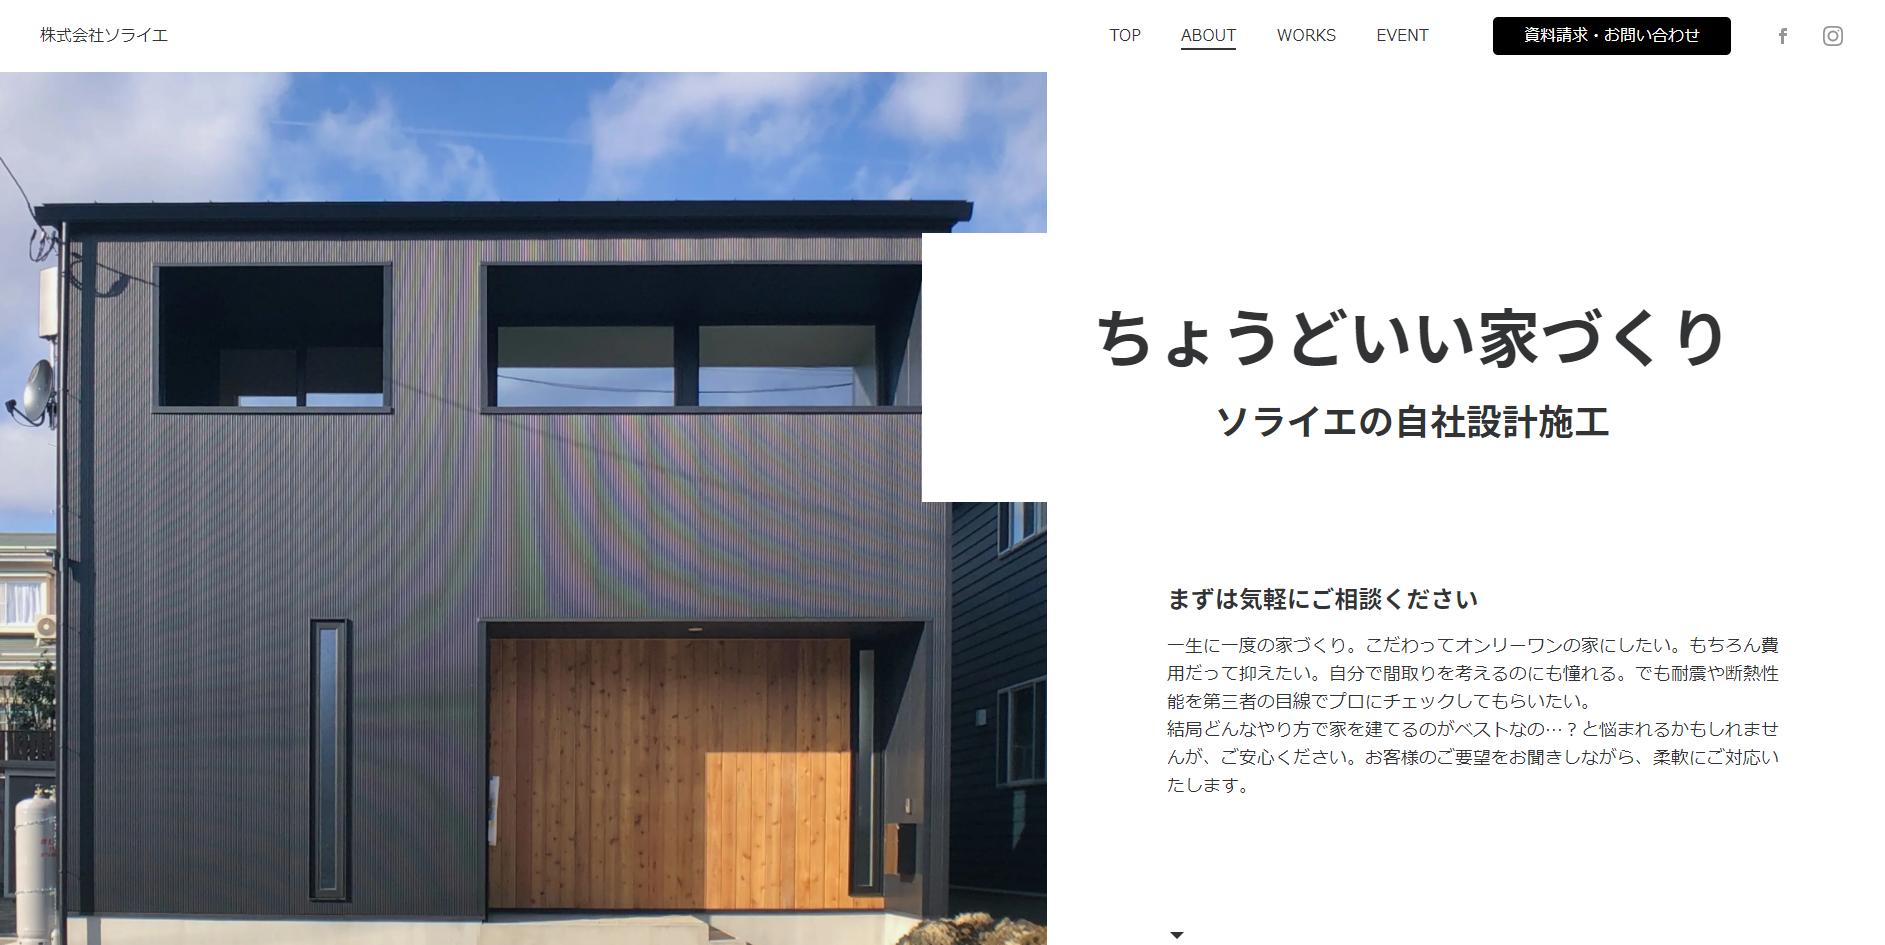 株式会社ソライエによる設計でちょうどいい家づくりを目指す